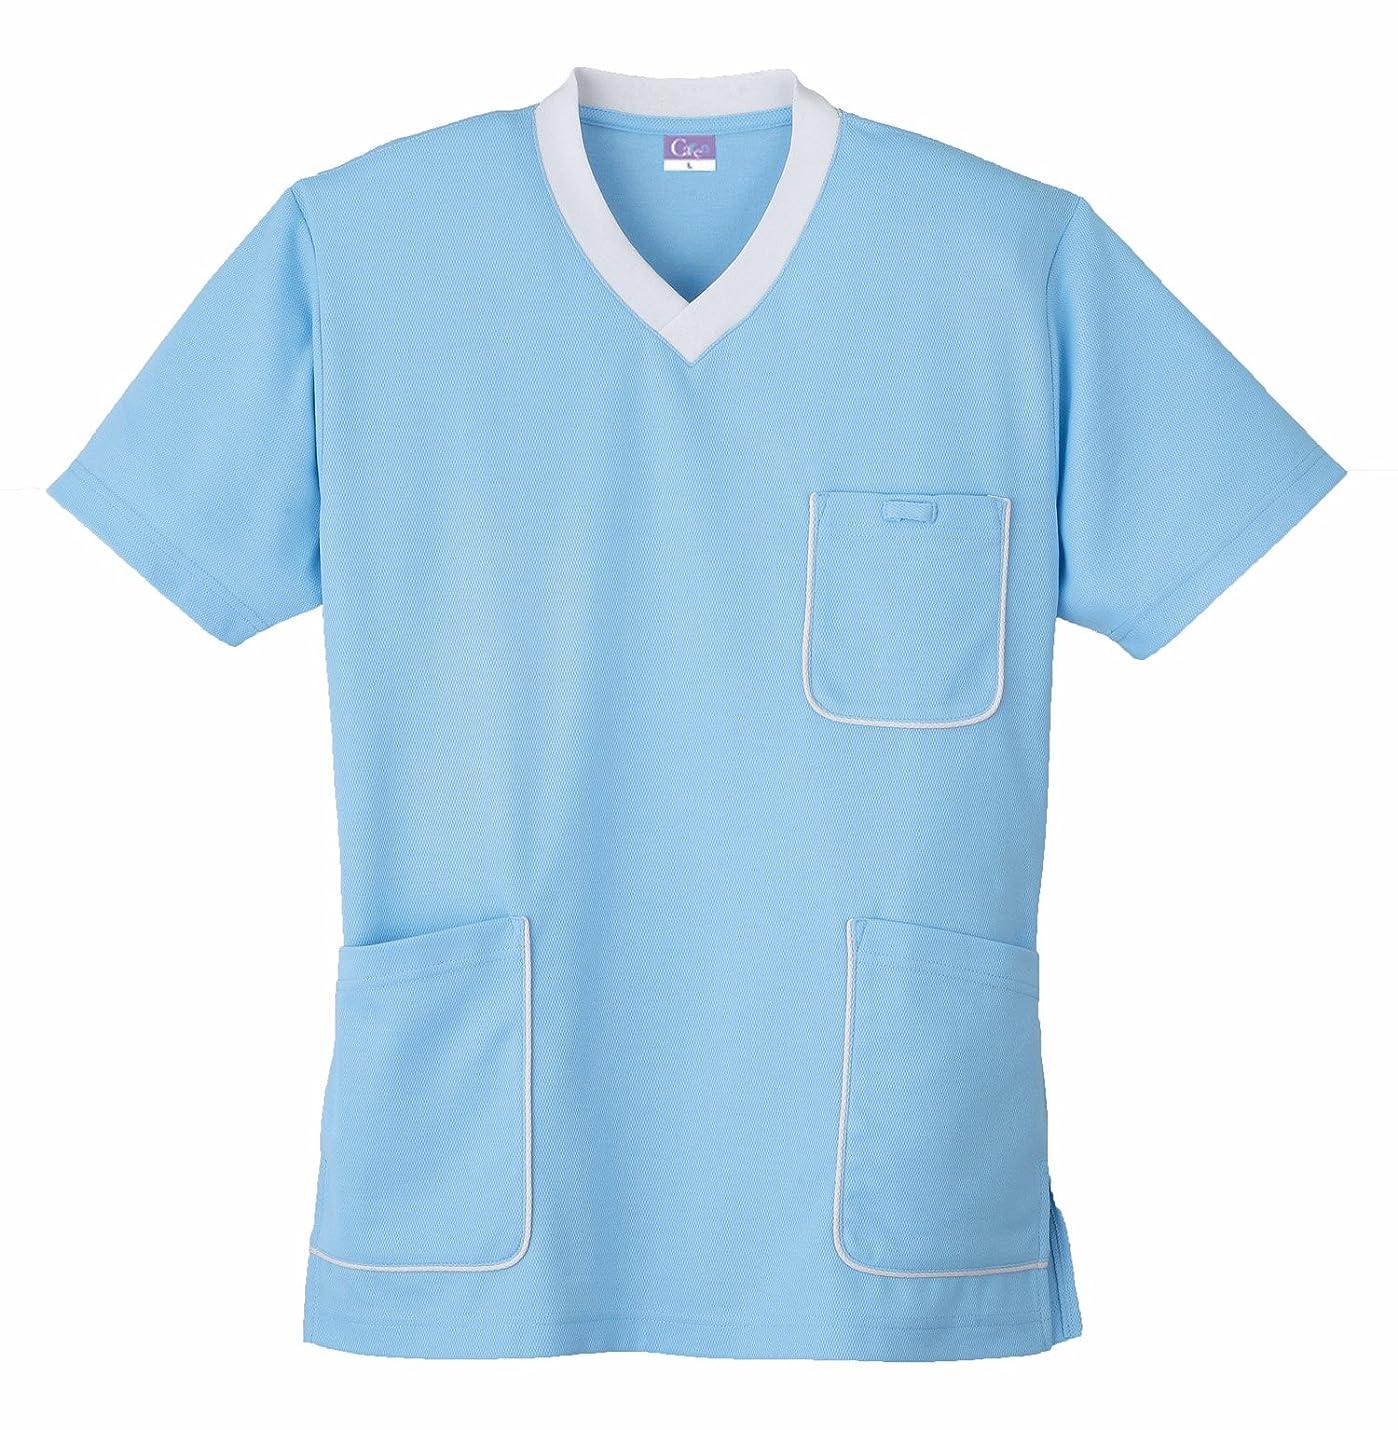 デザートカメラ安息(小倉屋) KOKURAYA スクラブニットシャツ(Carenシリーズ?抗菌防臭機能)《013-390》